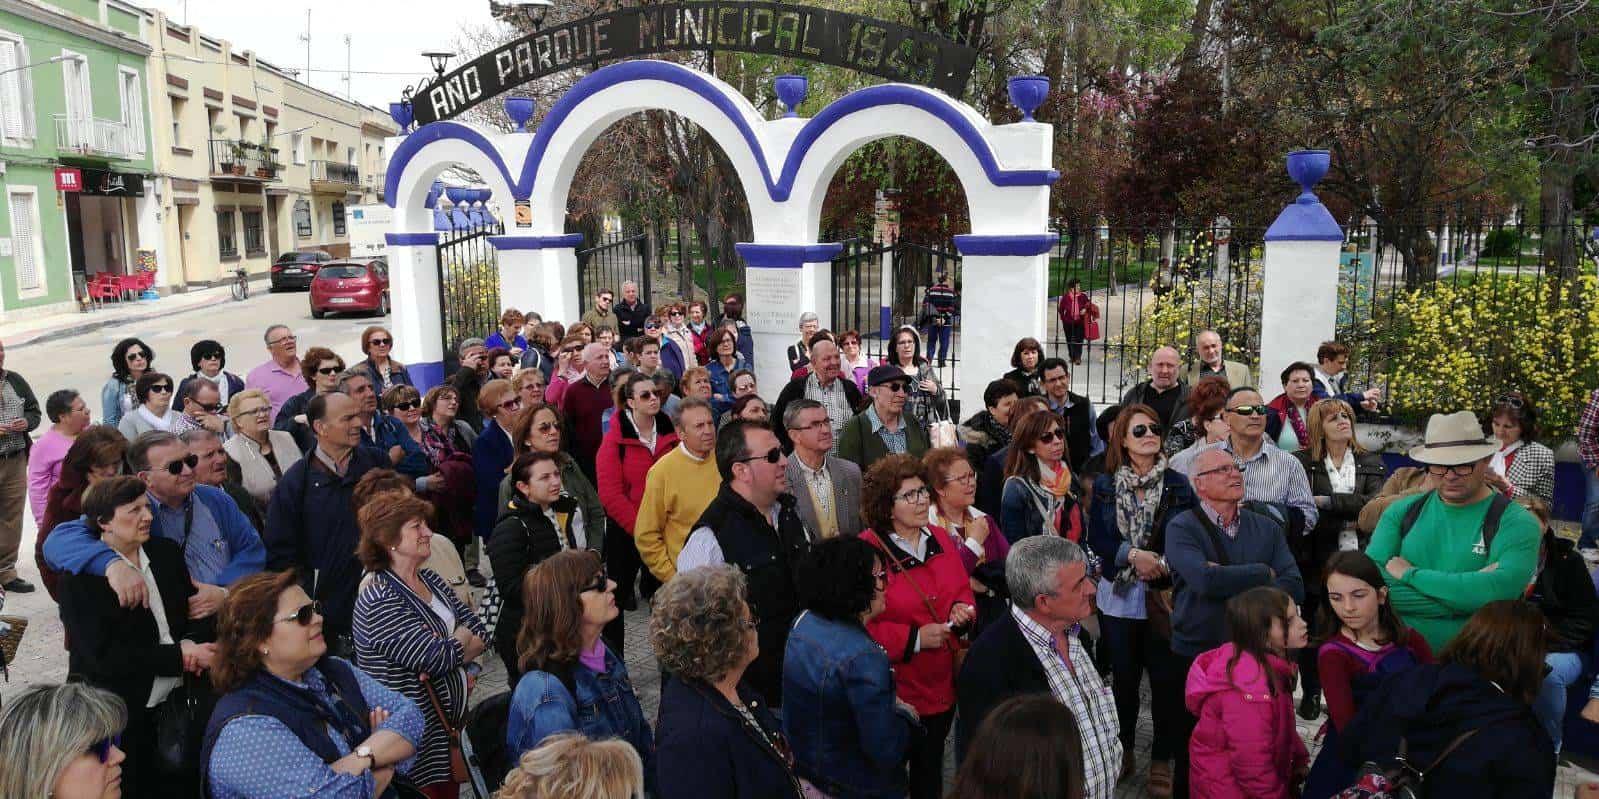 Herencia se convierte en el centro turístico de Ciudad Real 3